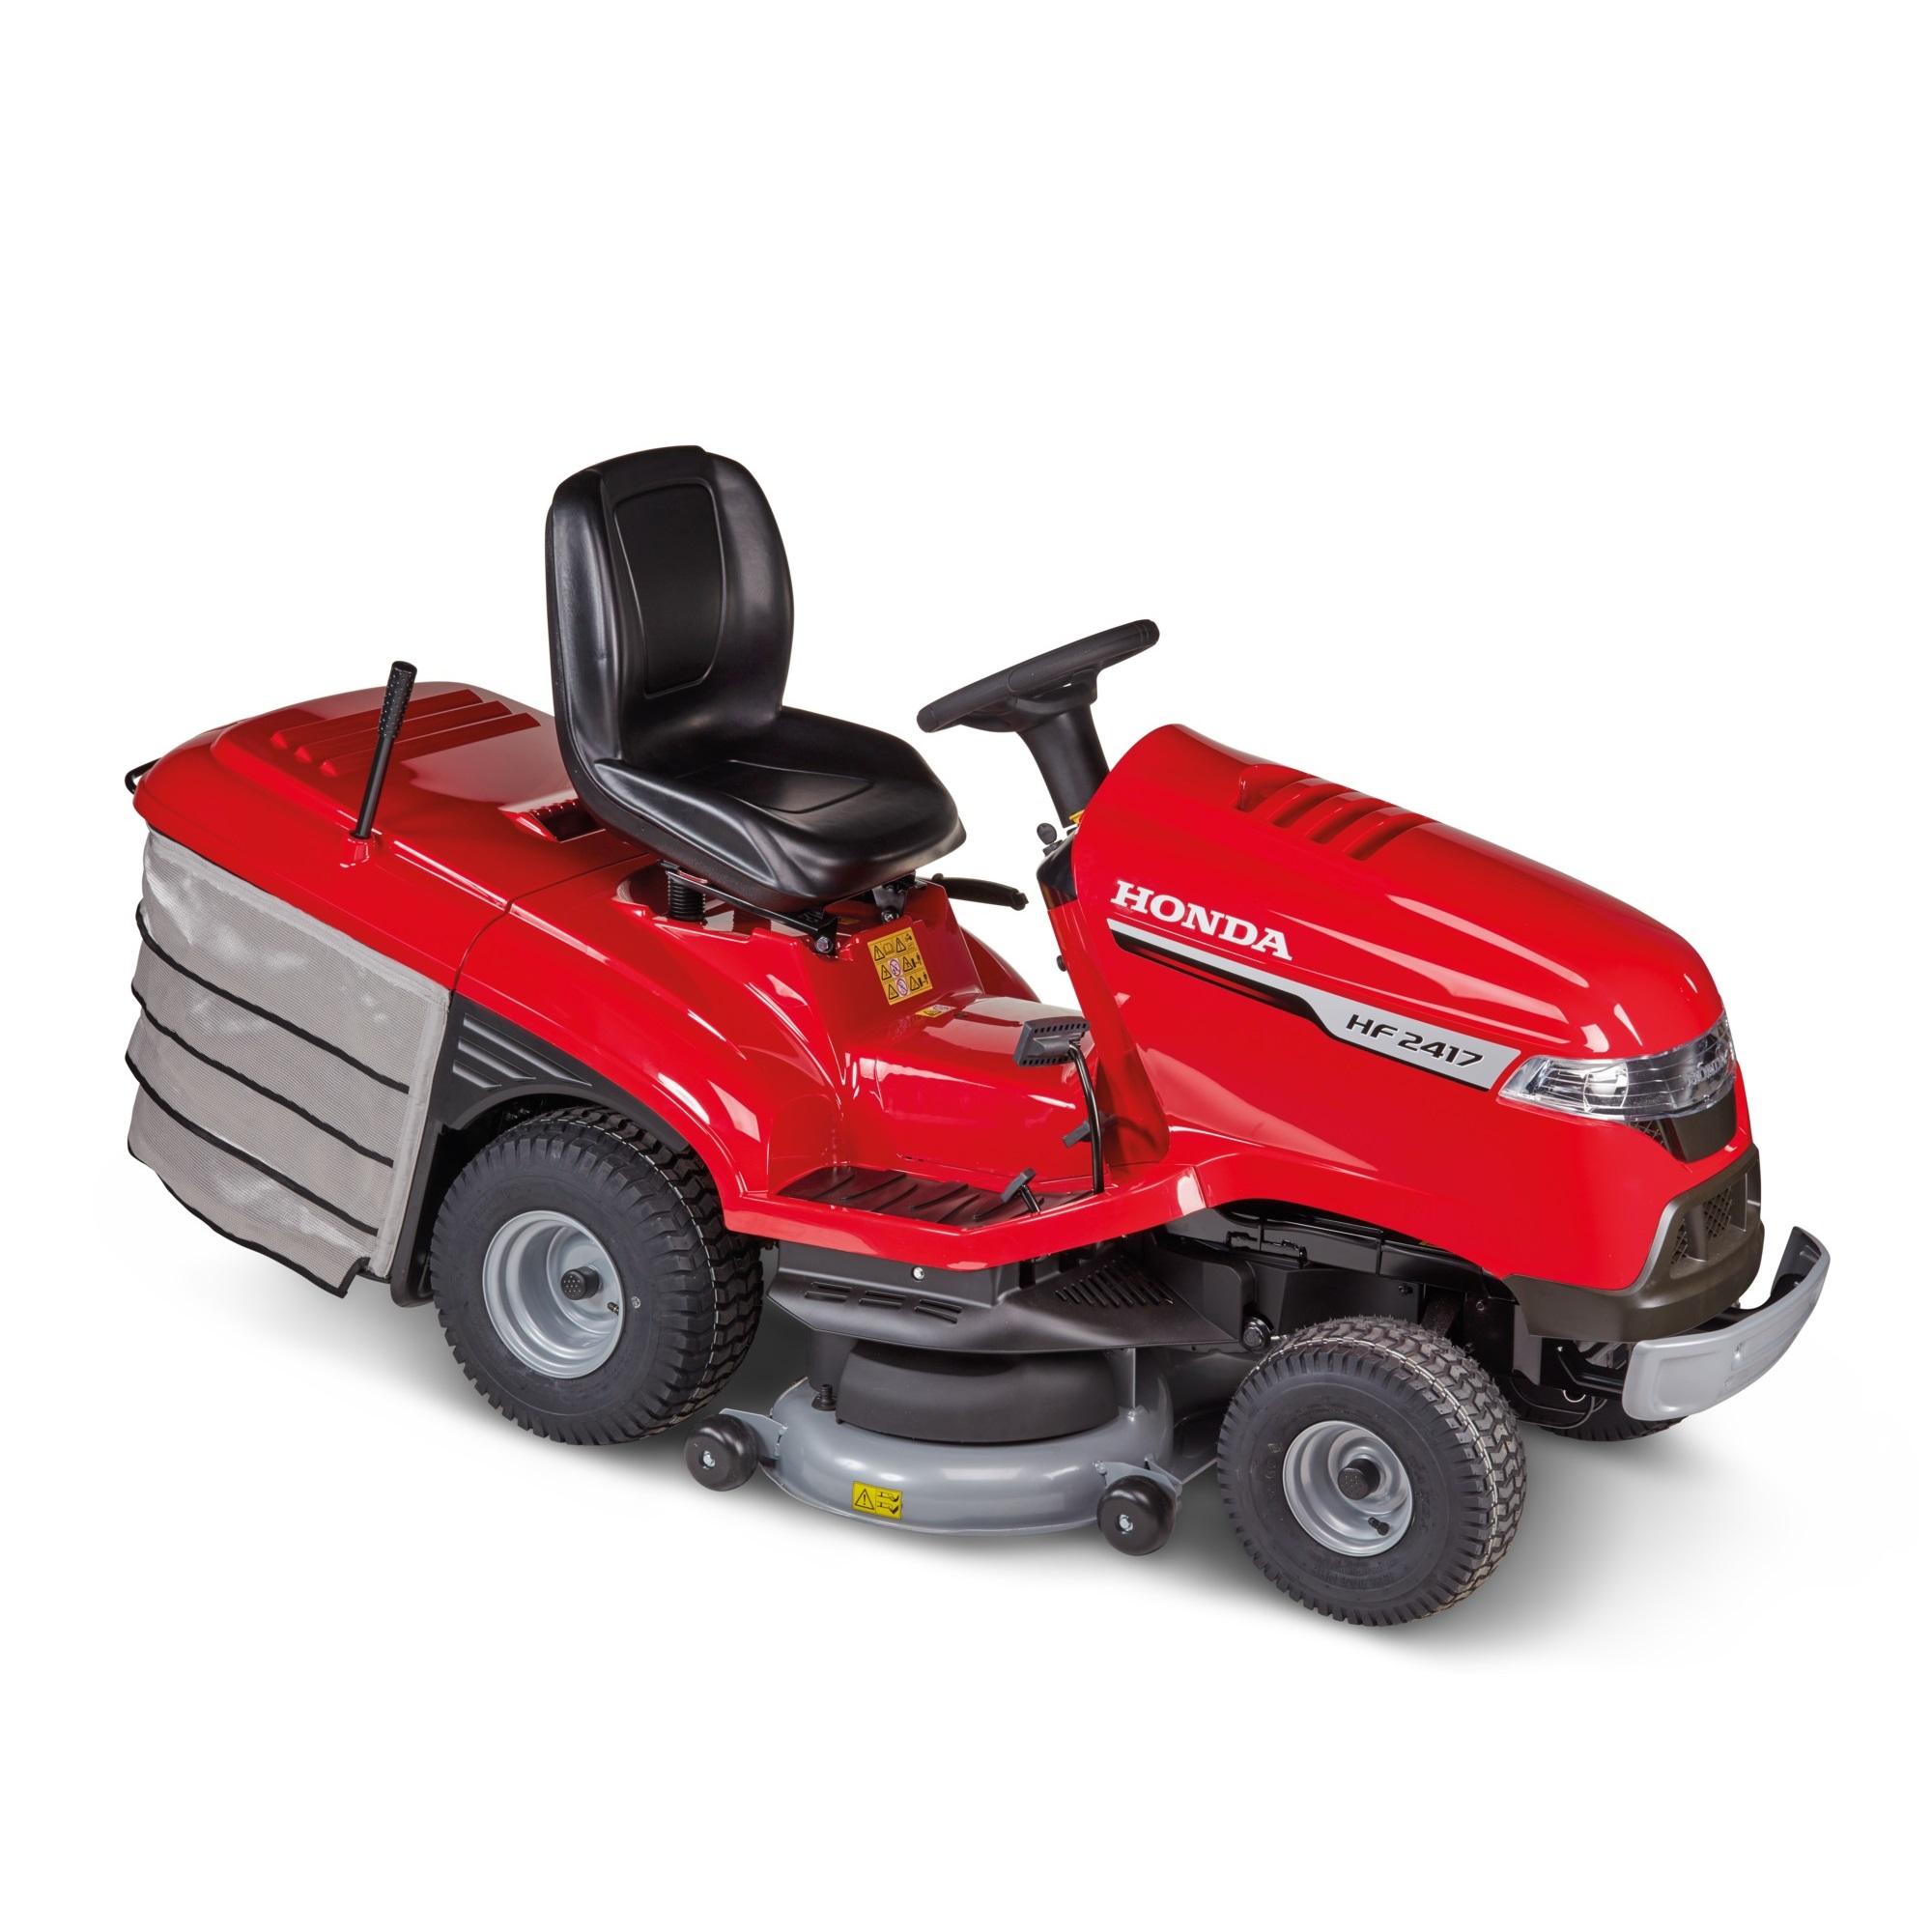 Honda  HF 2417 K5 HBE zahradní traktor s podpůrným ventilátorem pro lepší sběr Honda H718766 L-11